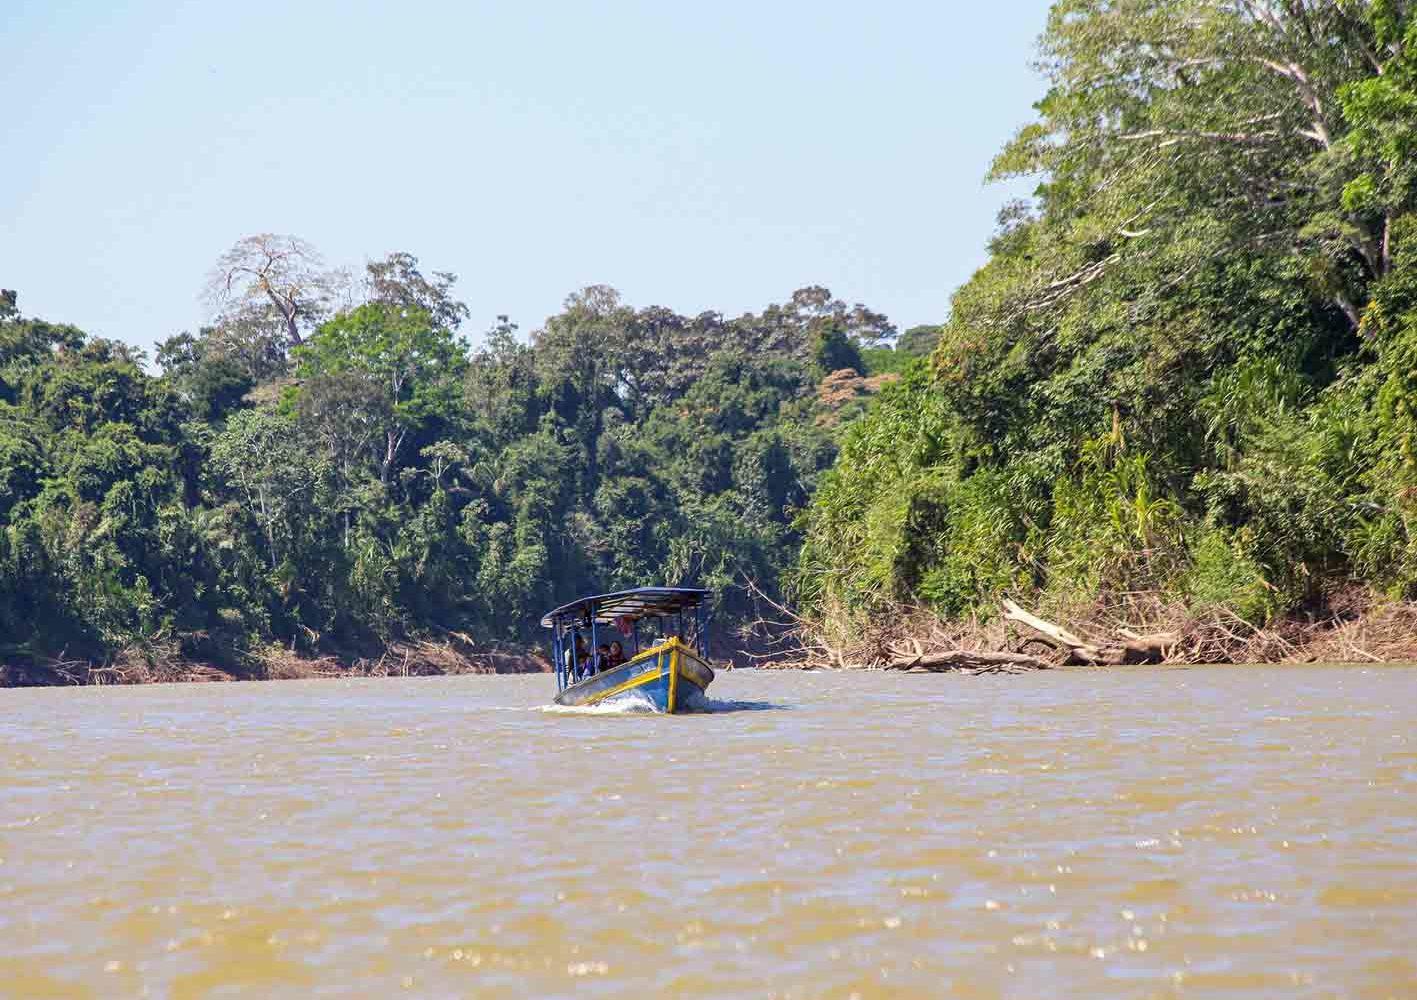 Im Amazonas von Peru sind wir auch mit dem Boot unterwegs.